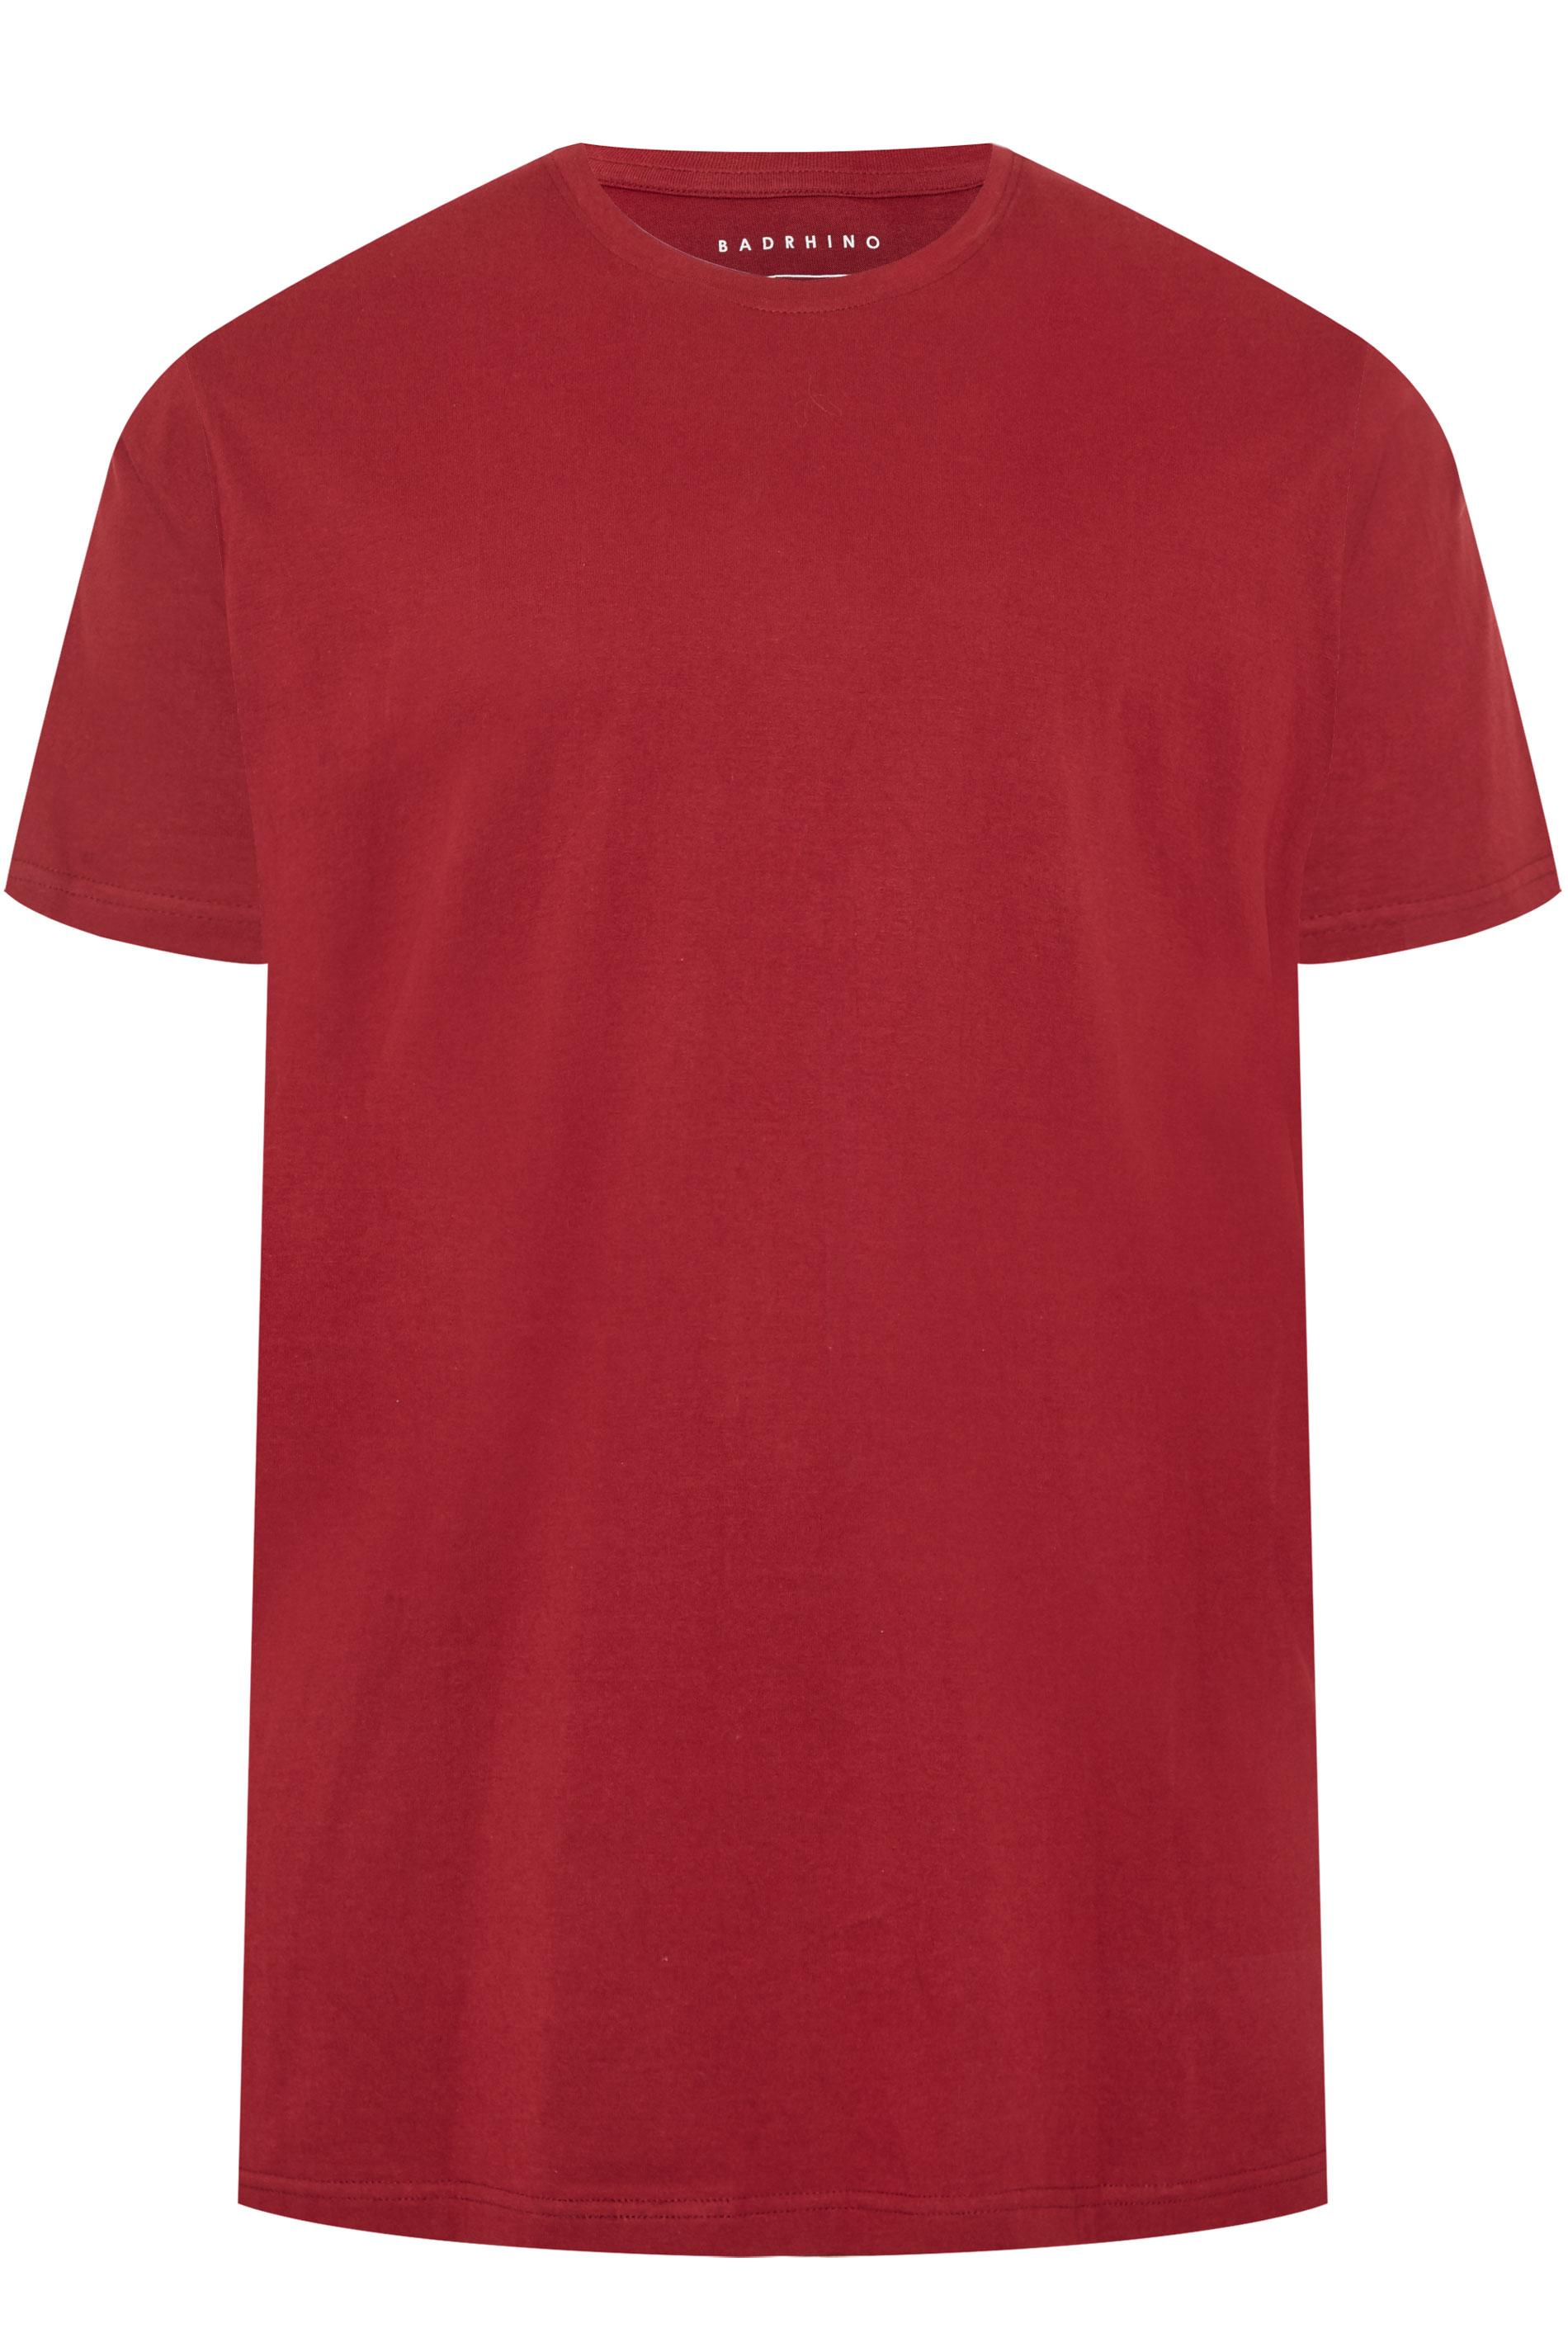 BadRhino Wine Red Embroidered Logo T-Shirt